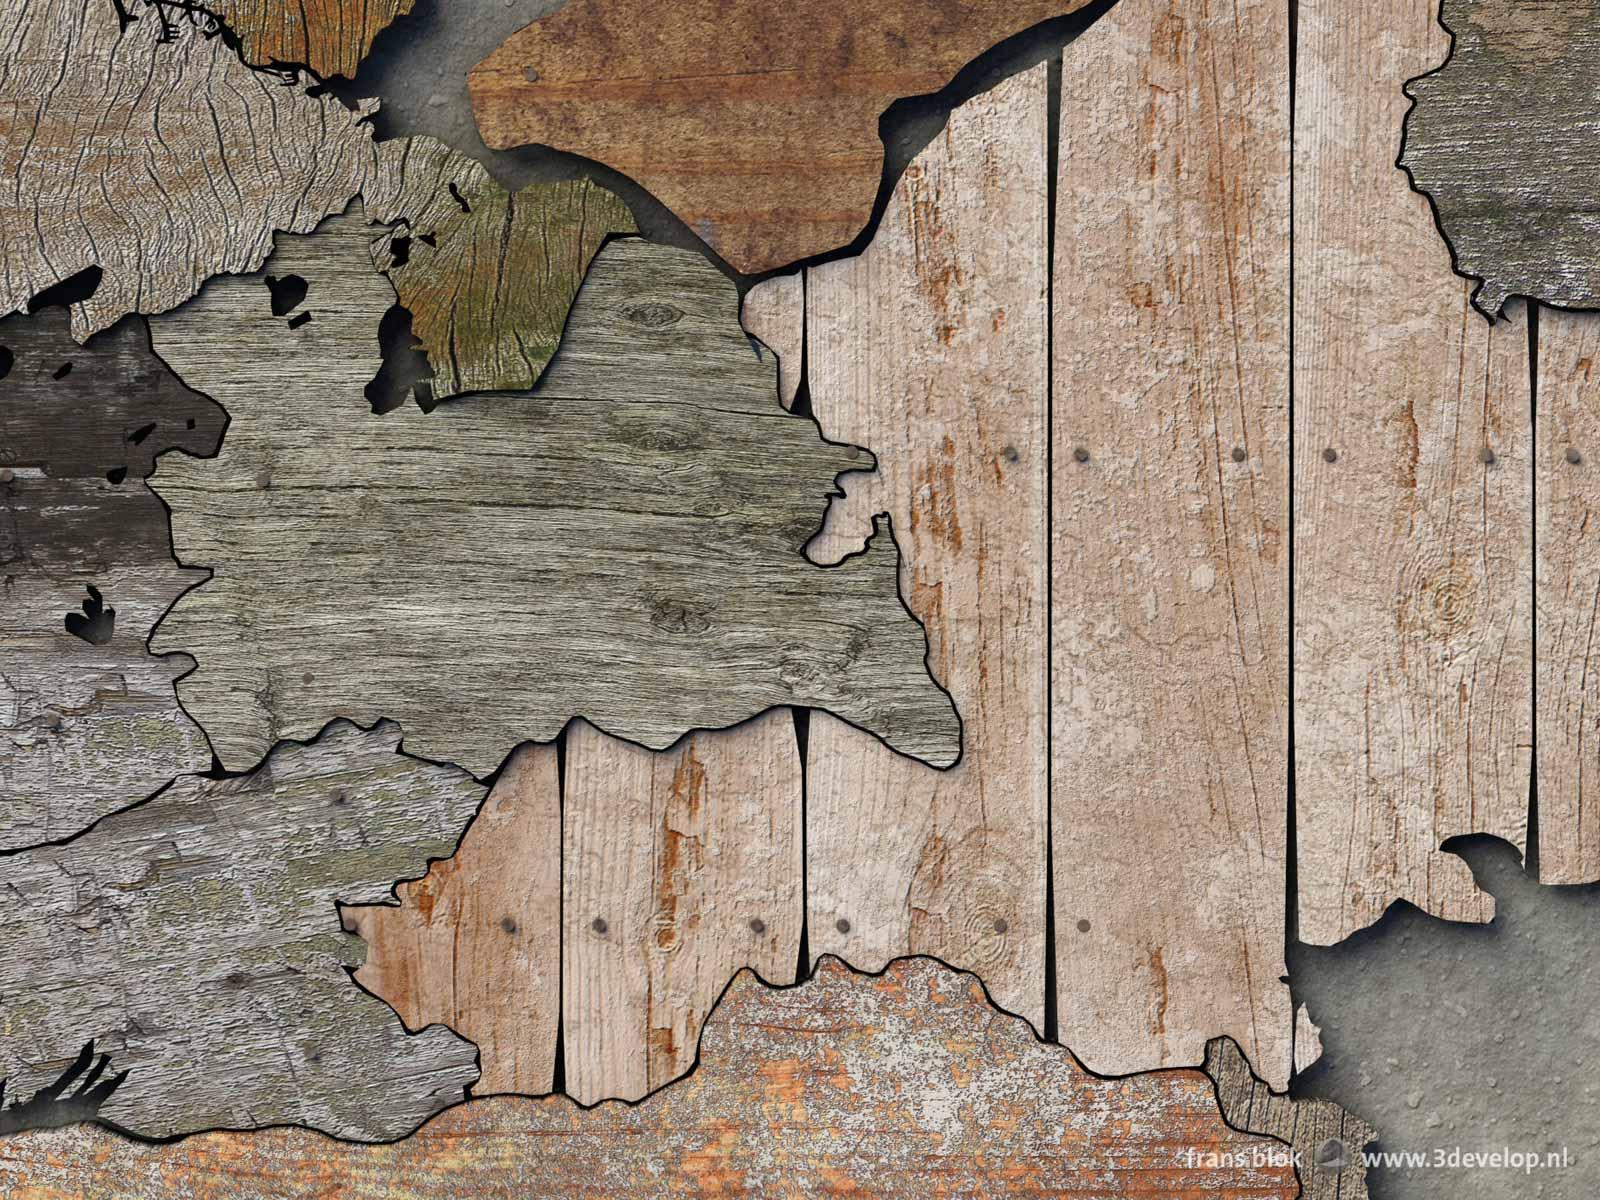 Detail van een kaart van de provincies van Nederland gemaakt van digitaal sloophout, met o.a. Gelderland, Utrecht en omgeving.